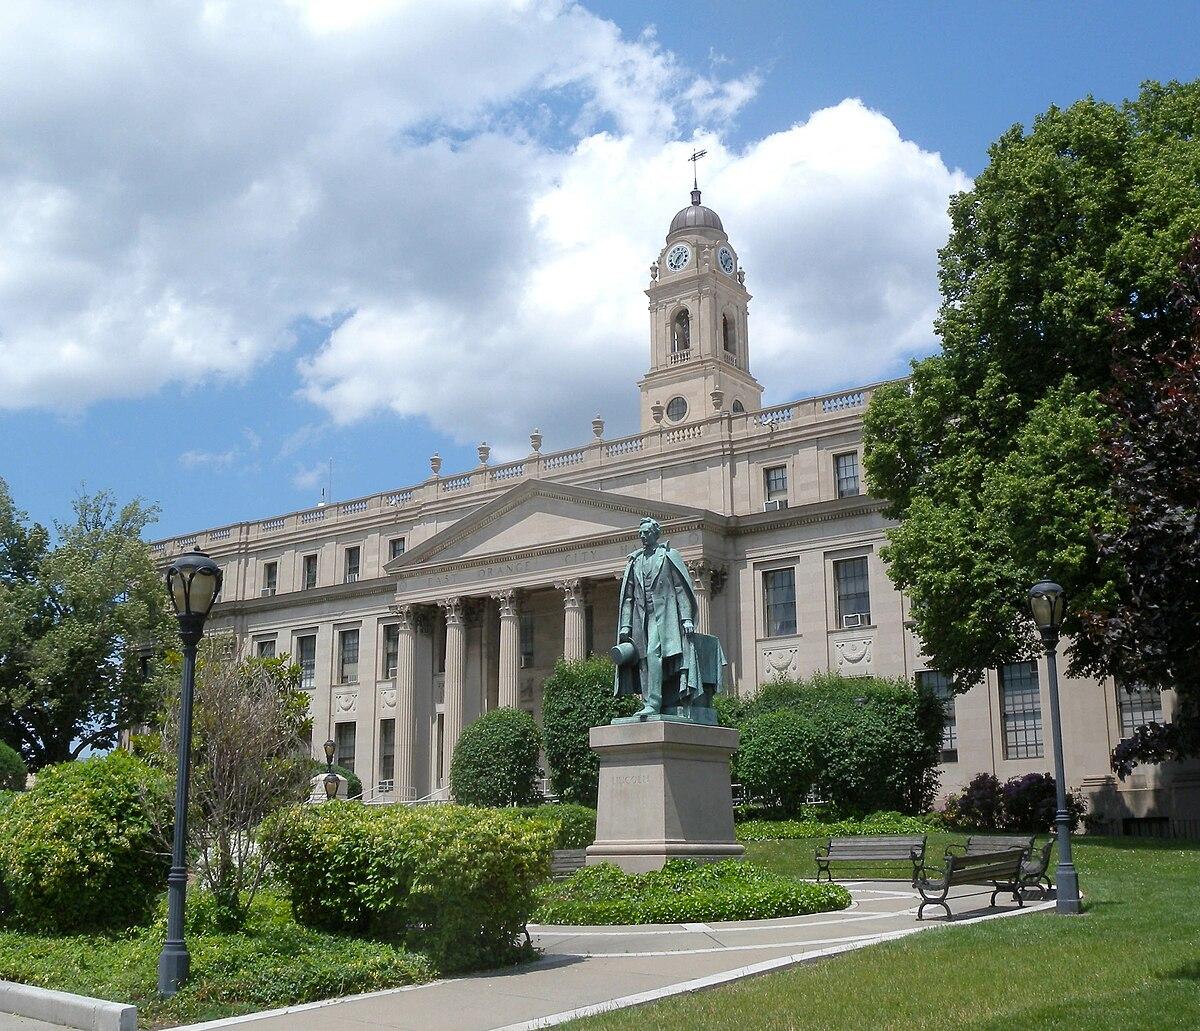 City Hall Maplewood Nj